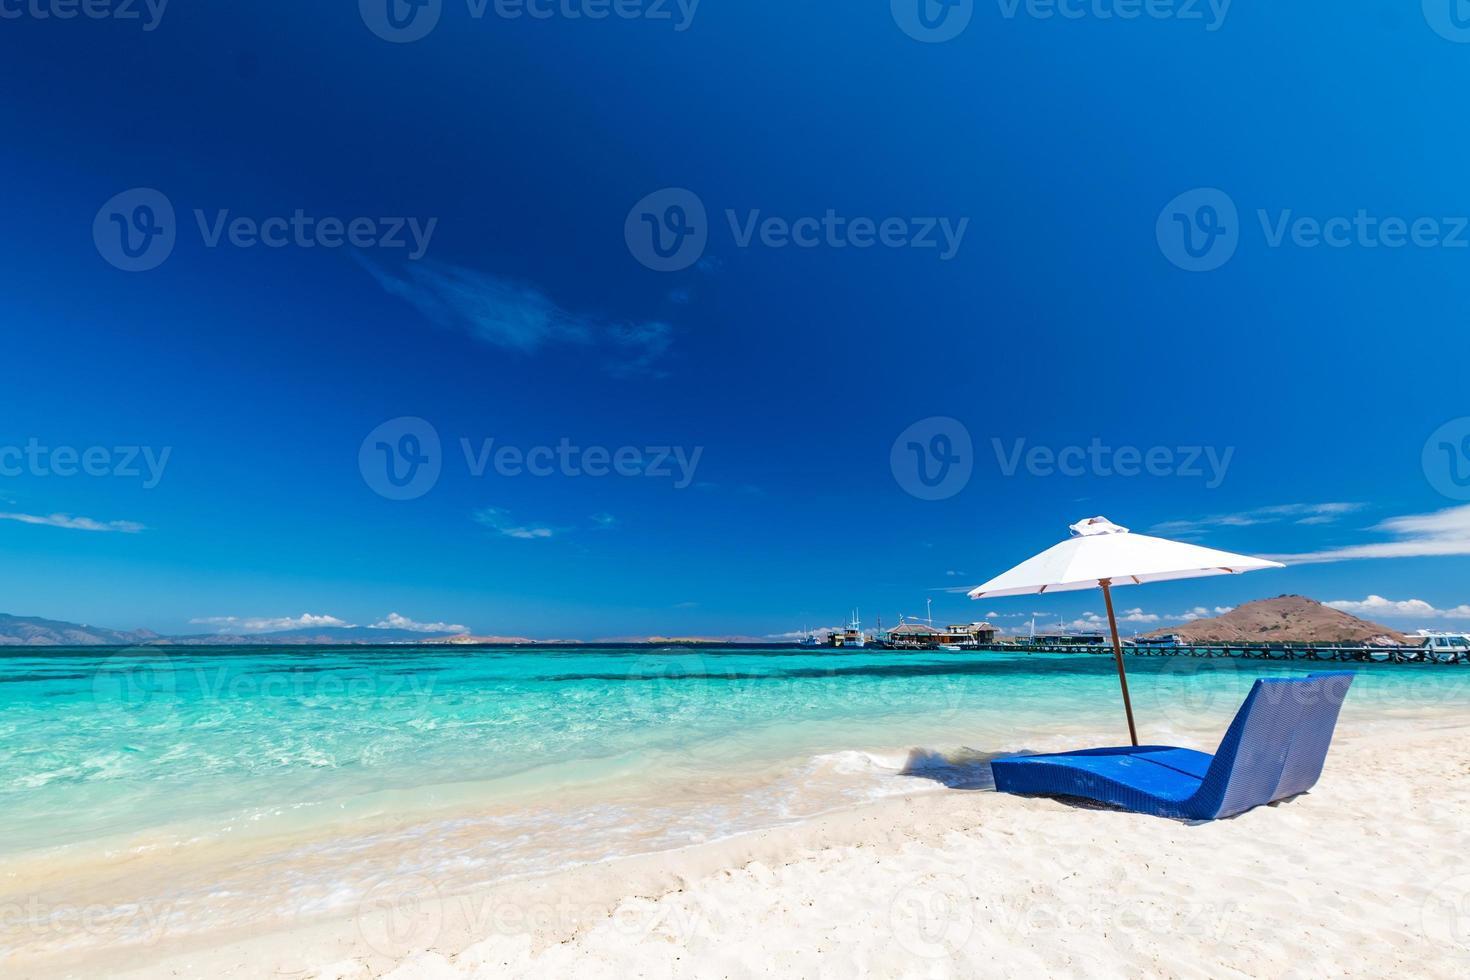 transats avec parasol sur la plage de sable près de la mer photo